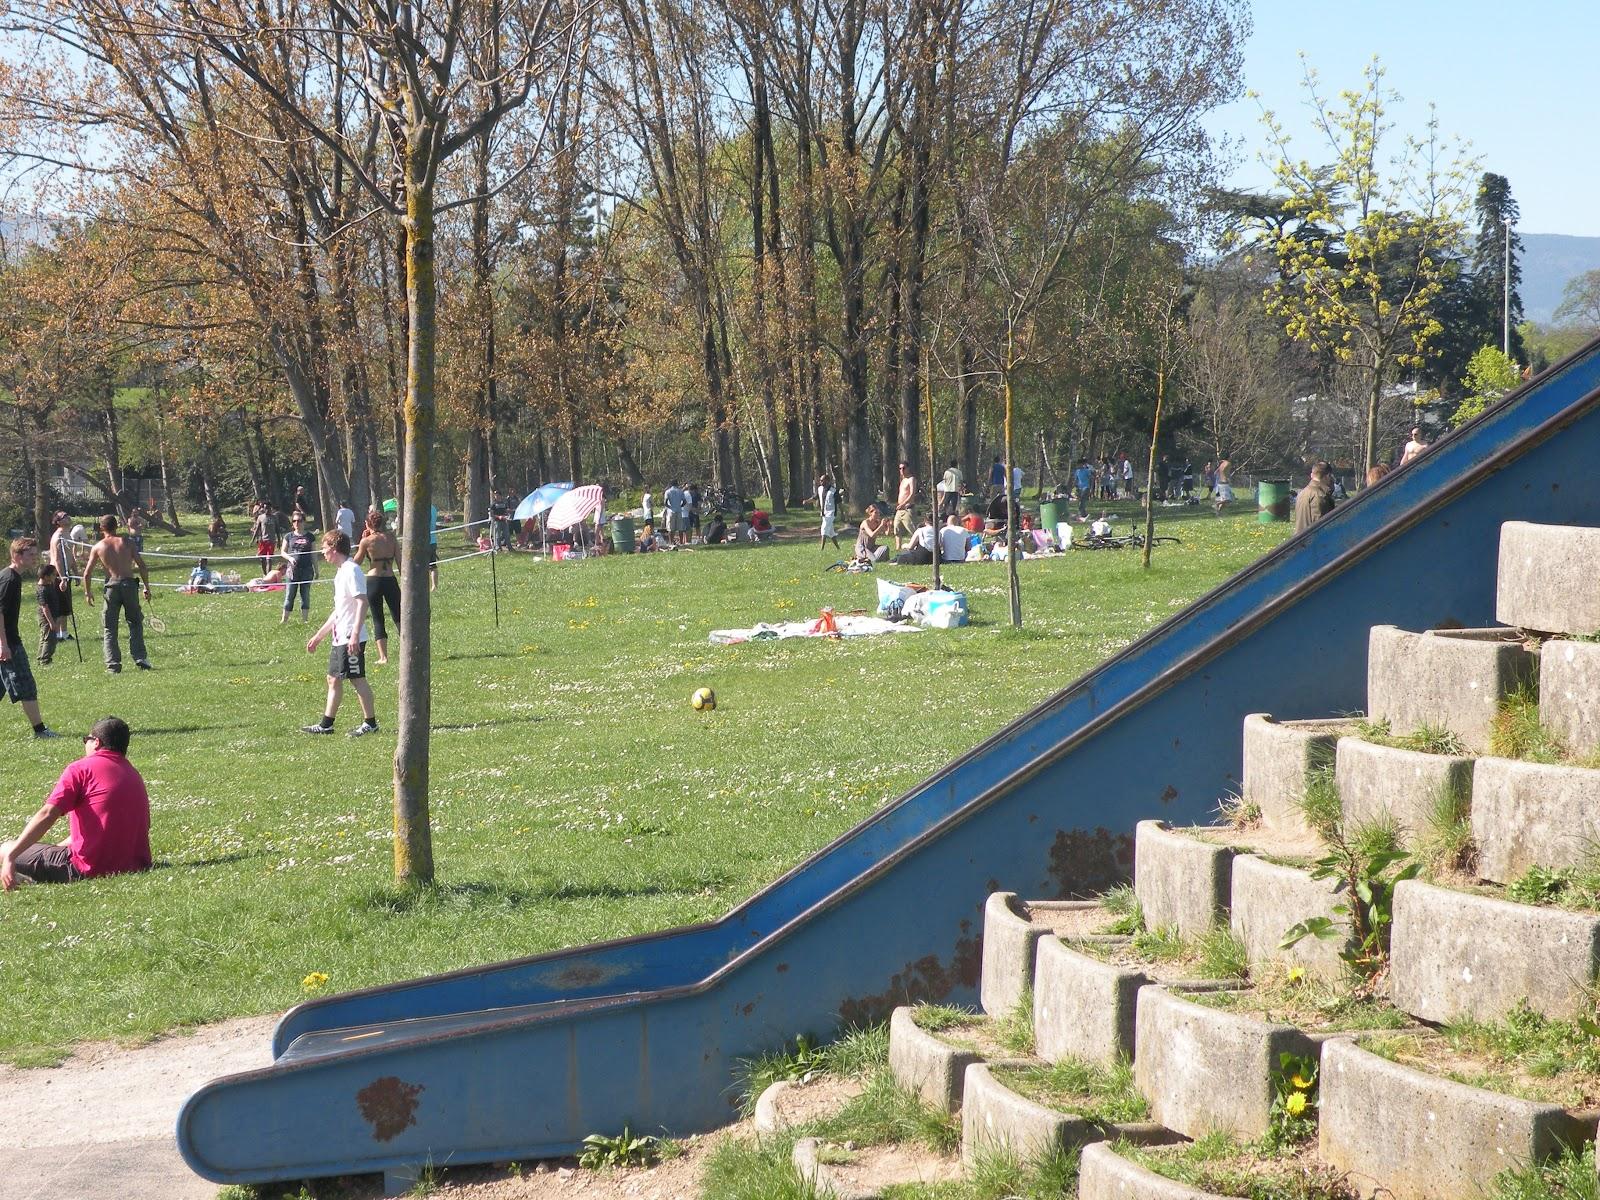 Play de gex lake side park at le vengeron for M park geneve